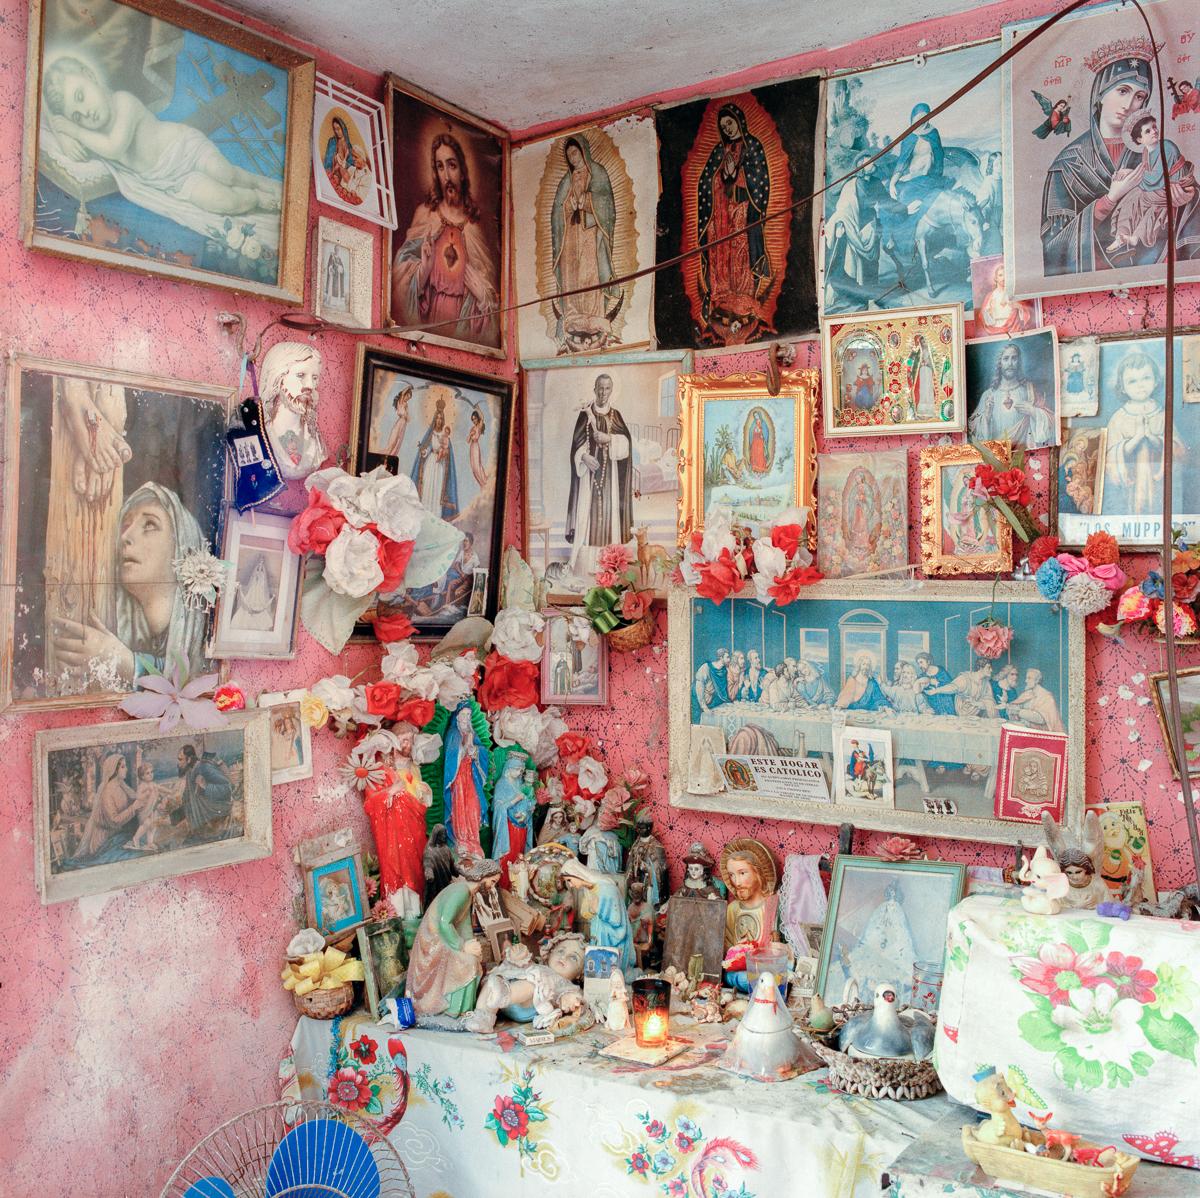 Doña Paula's Bedroom, Isla Mujeres, Quintana Roo, México 1989